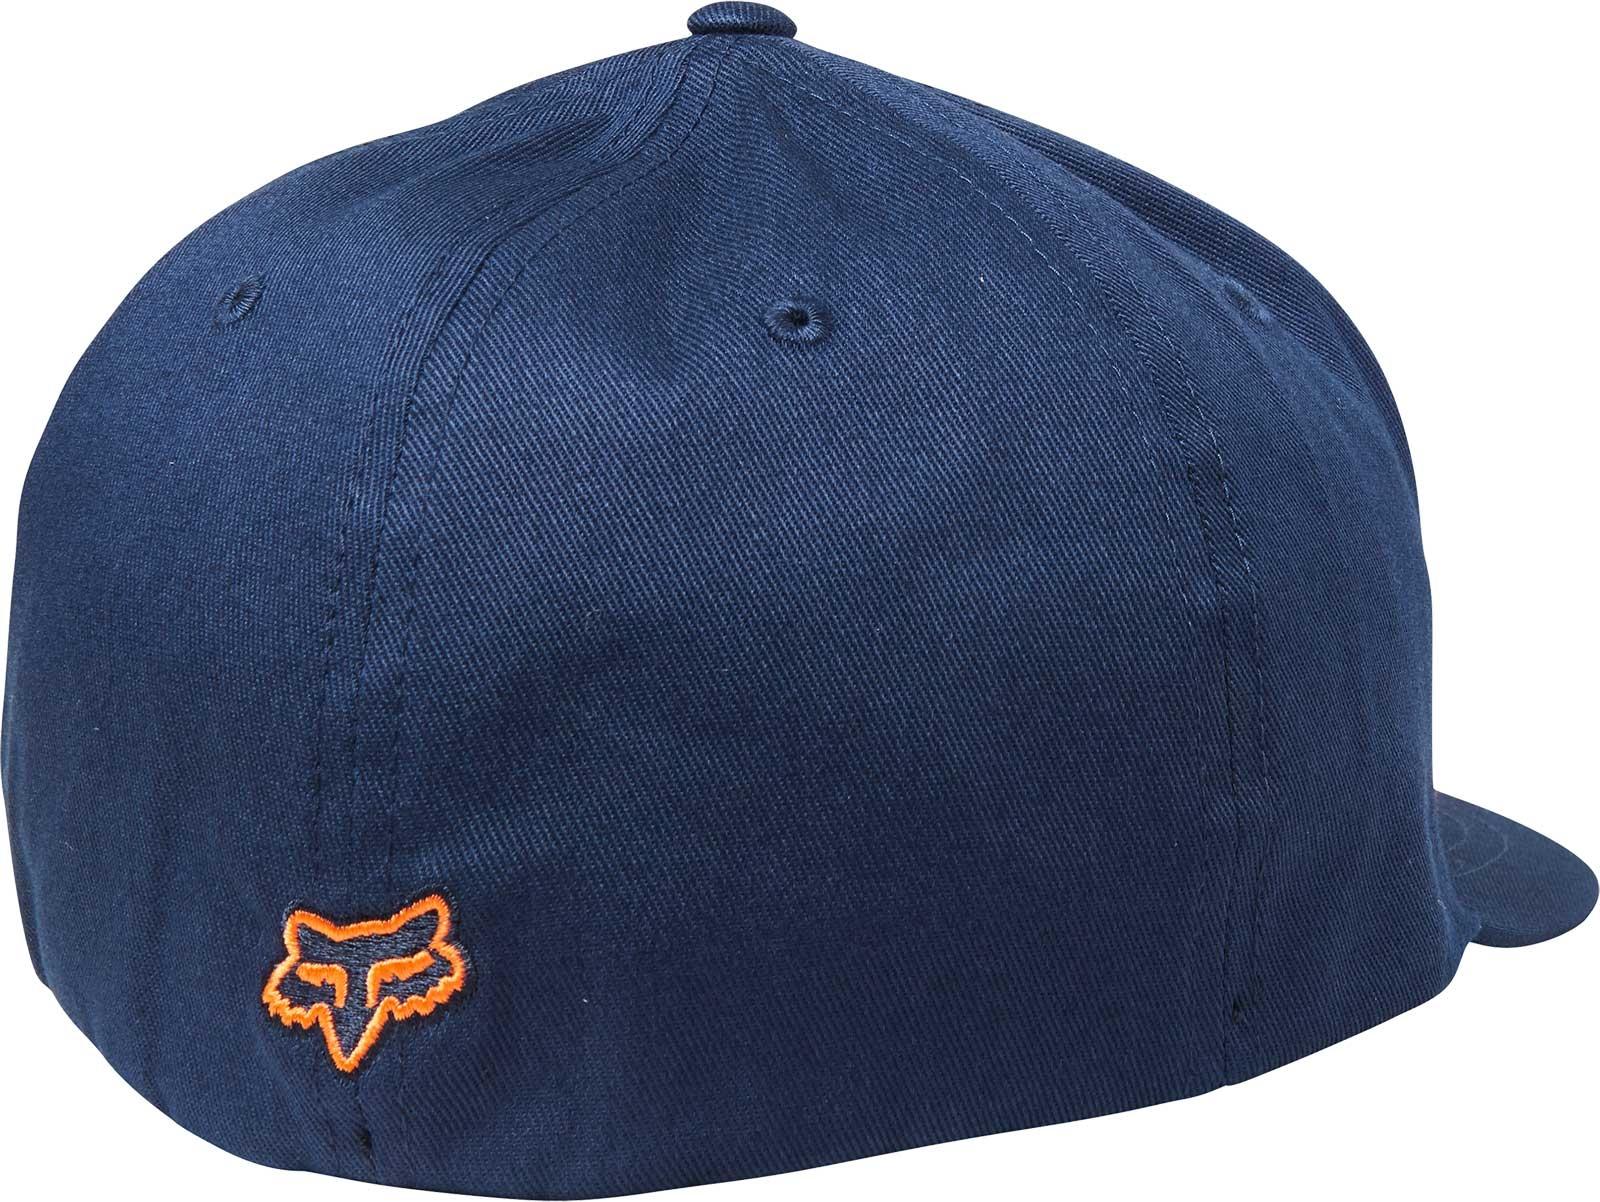 Fox-Racing-Flex-45-Flexfit-Hat-Mens-Lid-Cap thumbnail 32